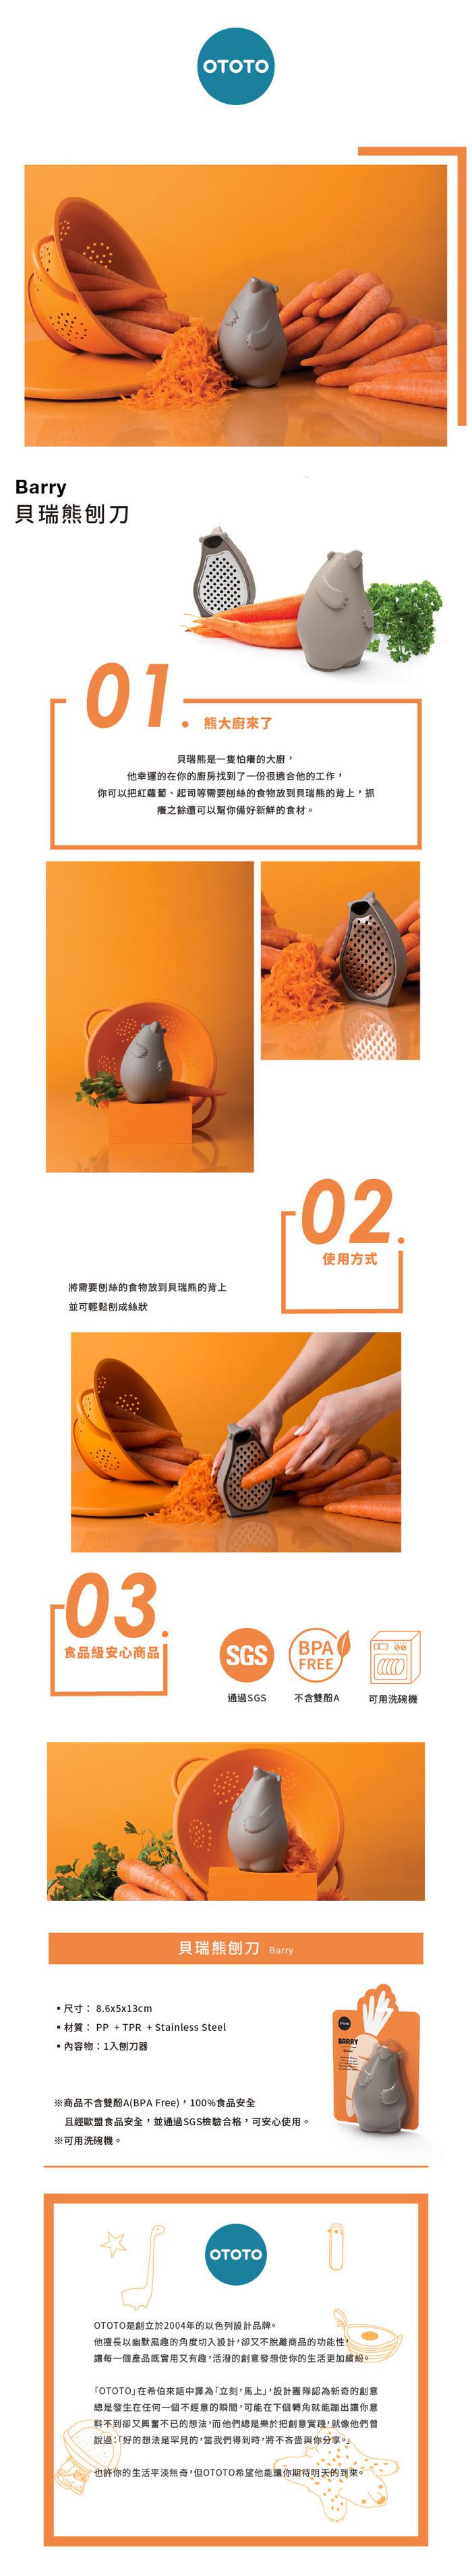 (複製)OTOTO|鬱金香球泡茶器